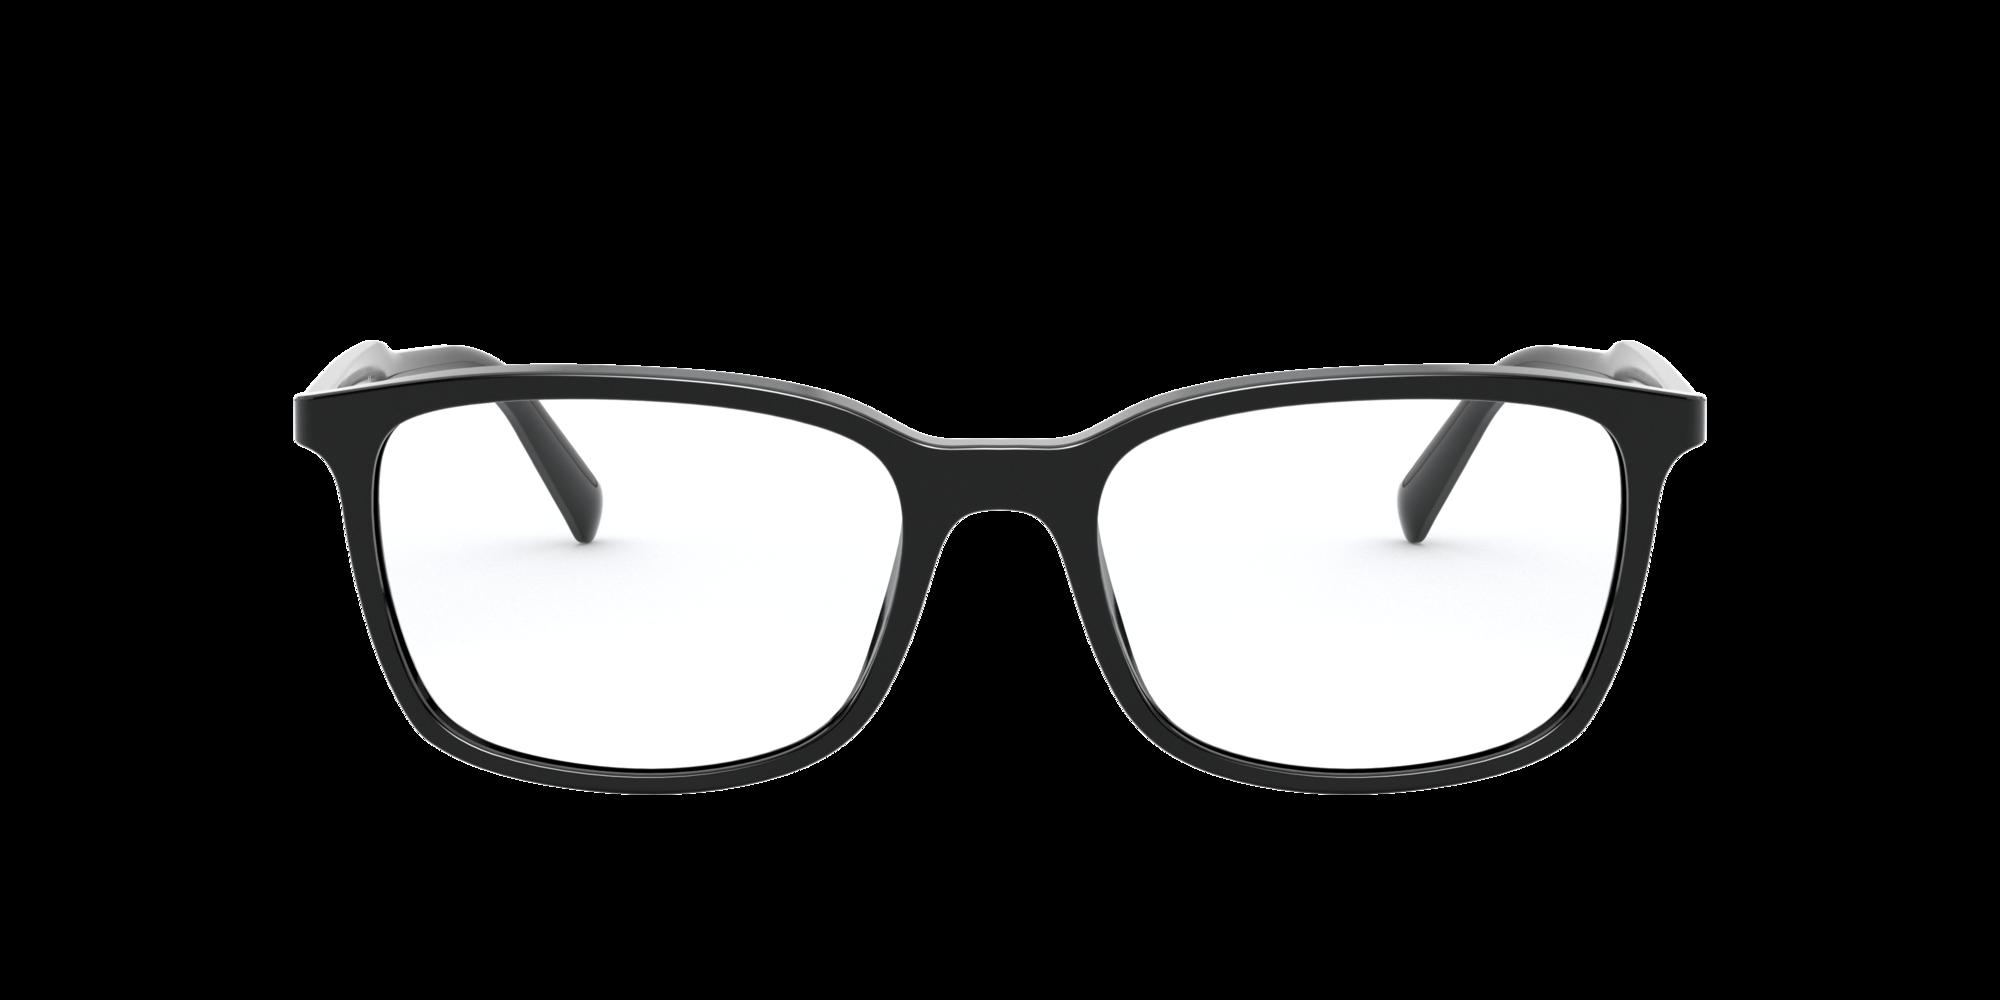 Imagen para PR 13XV CONCEPTUAL de LensCrafters |  Espejuelos, espejuelos graduados en línea, gafas